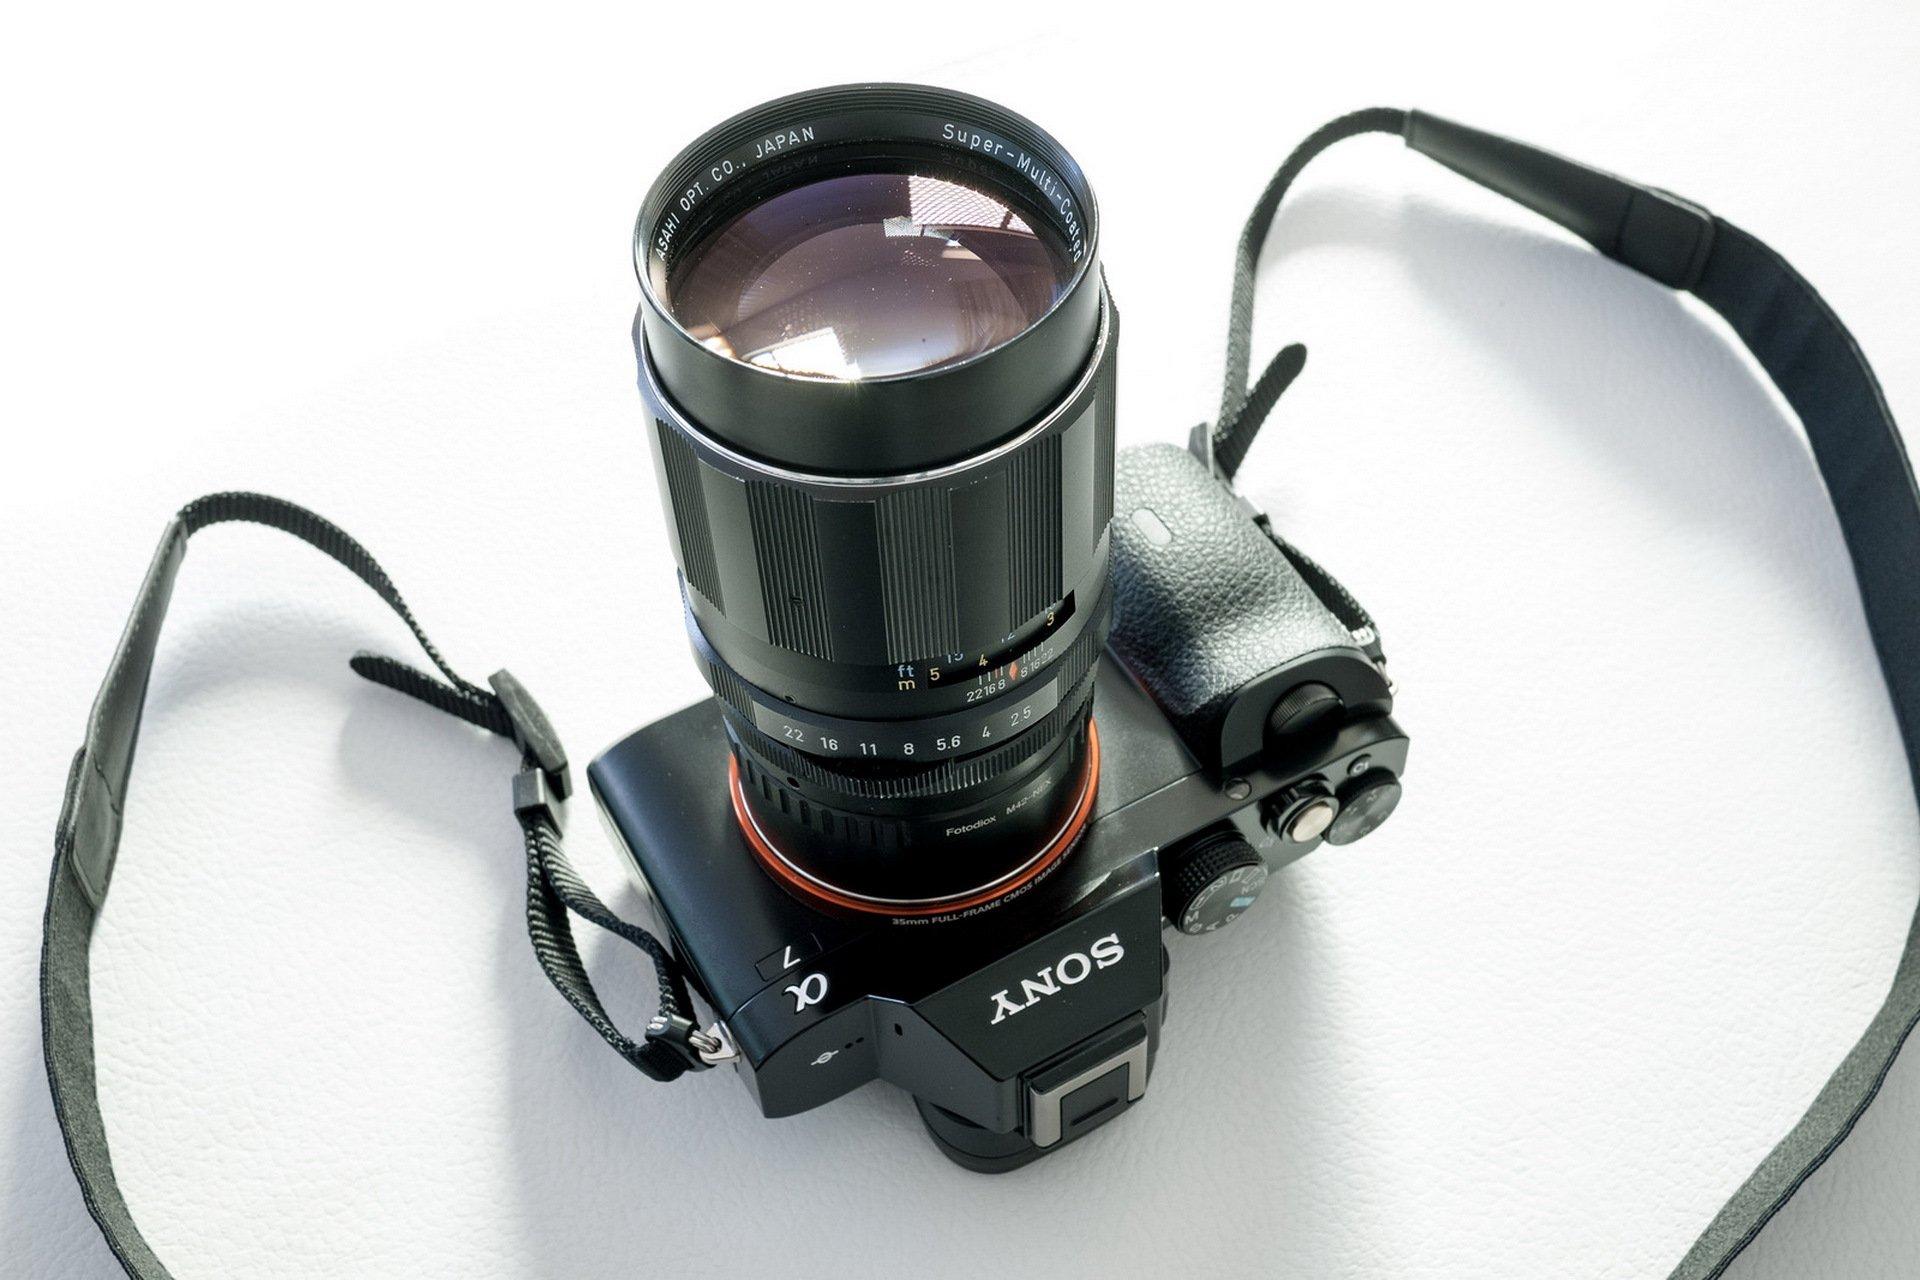 лучший цифровой фотоаппарат для макросъемки хотя она создана